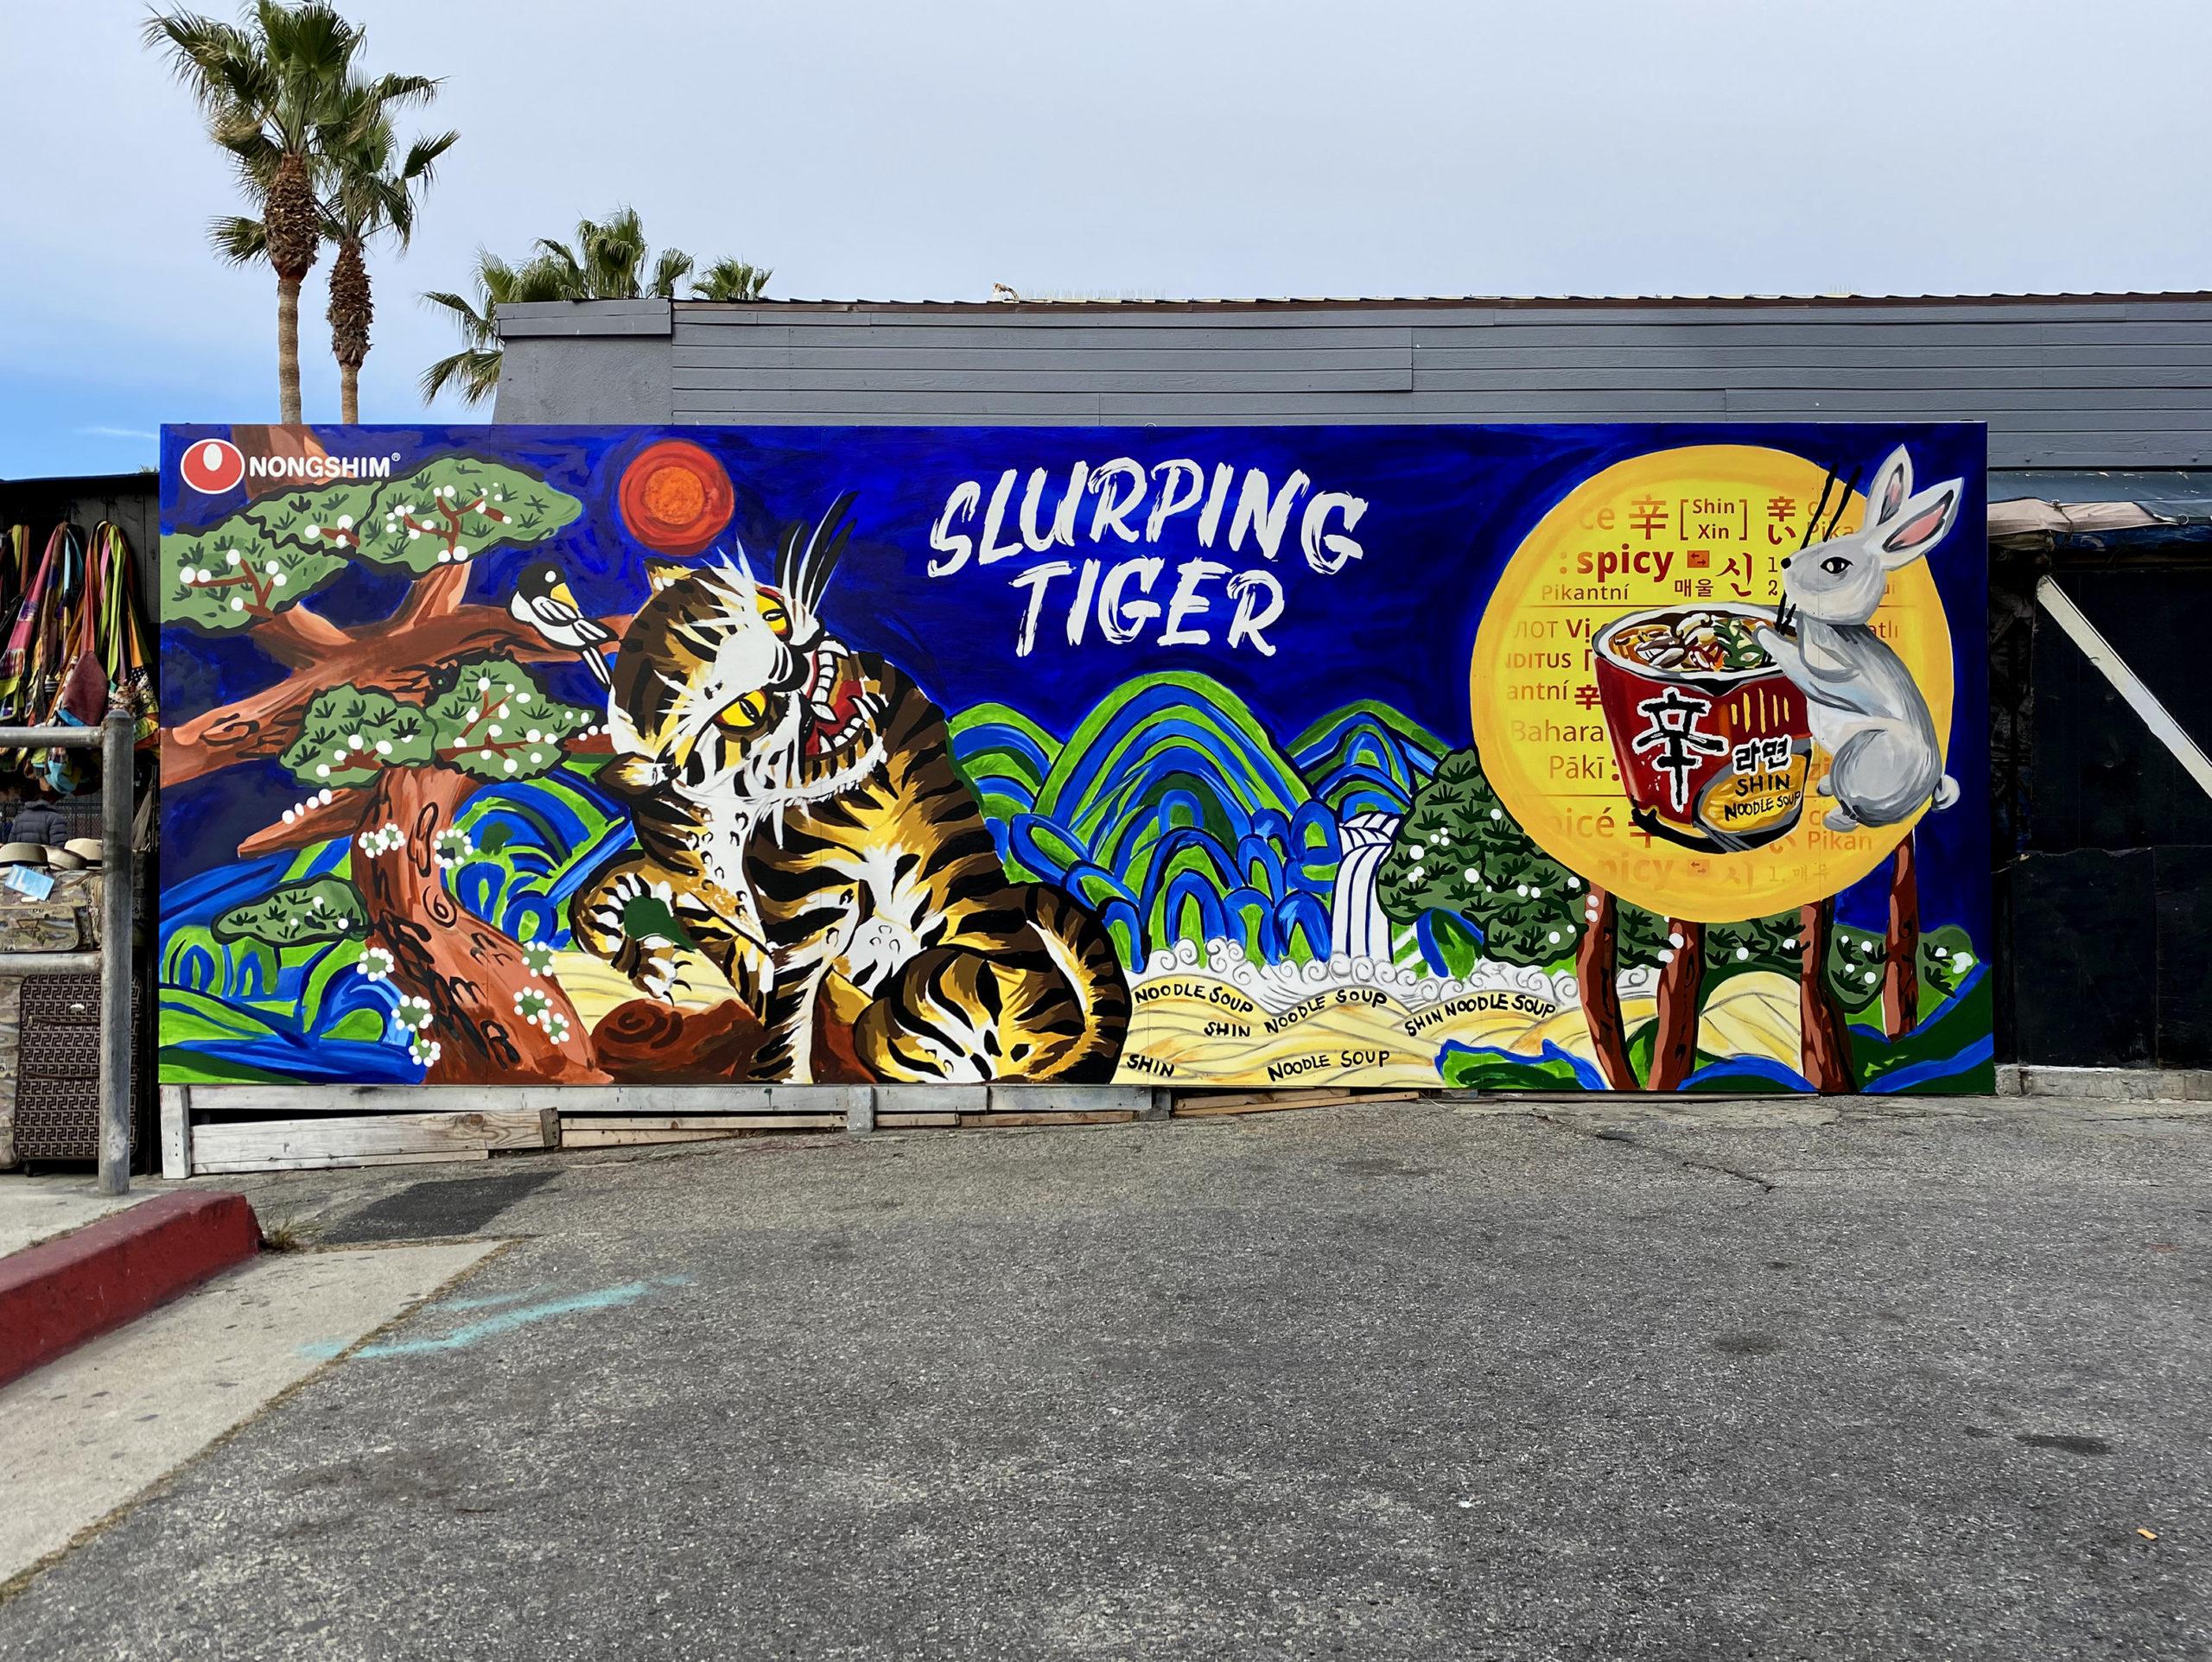 Slurping Tiger Mural in LA